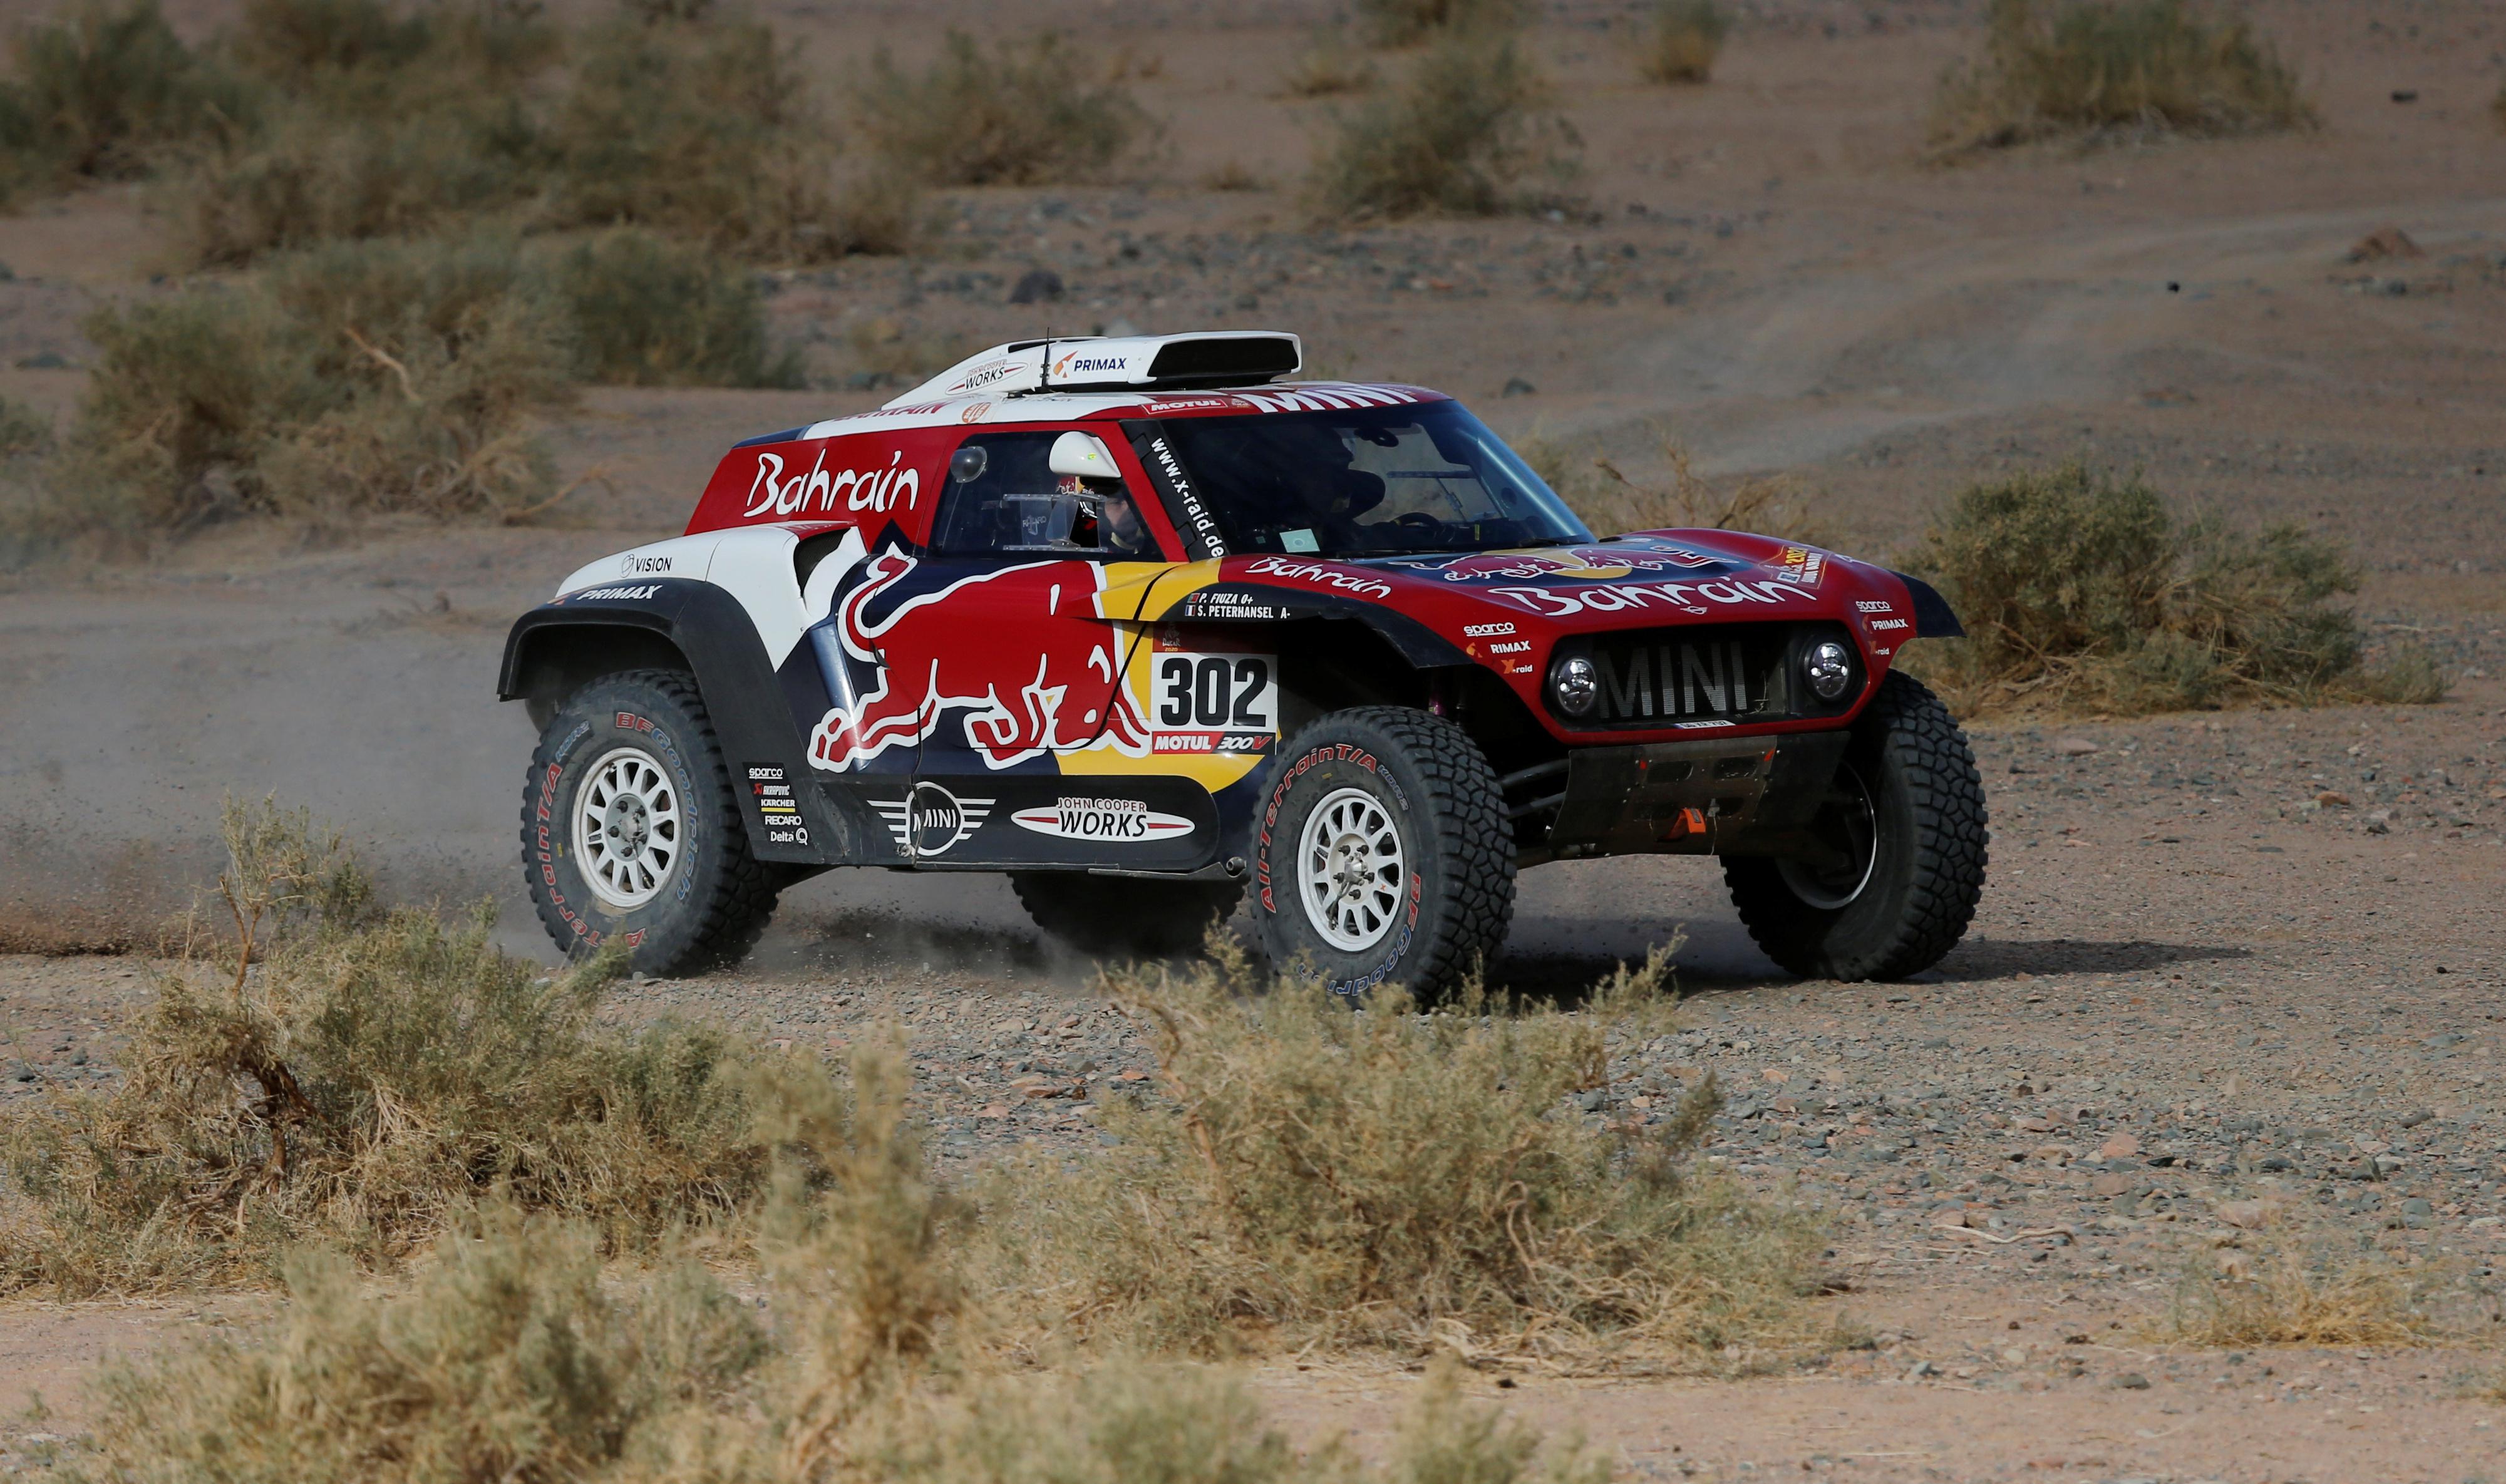 El francés Stéphane Peterhansel (Mini) firmó su primera victoria en el Dakar 2020, ganando este miércoles la cuarta etapa que unió a Neom con Al-Ula, en Arabia Saudita